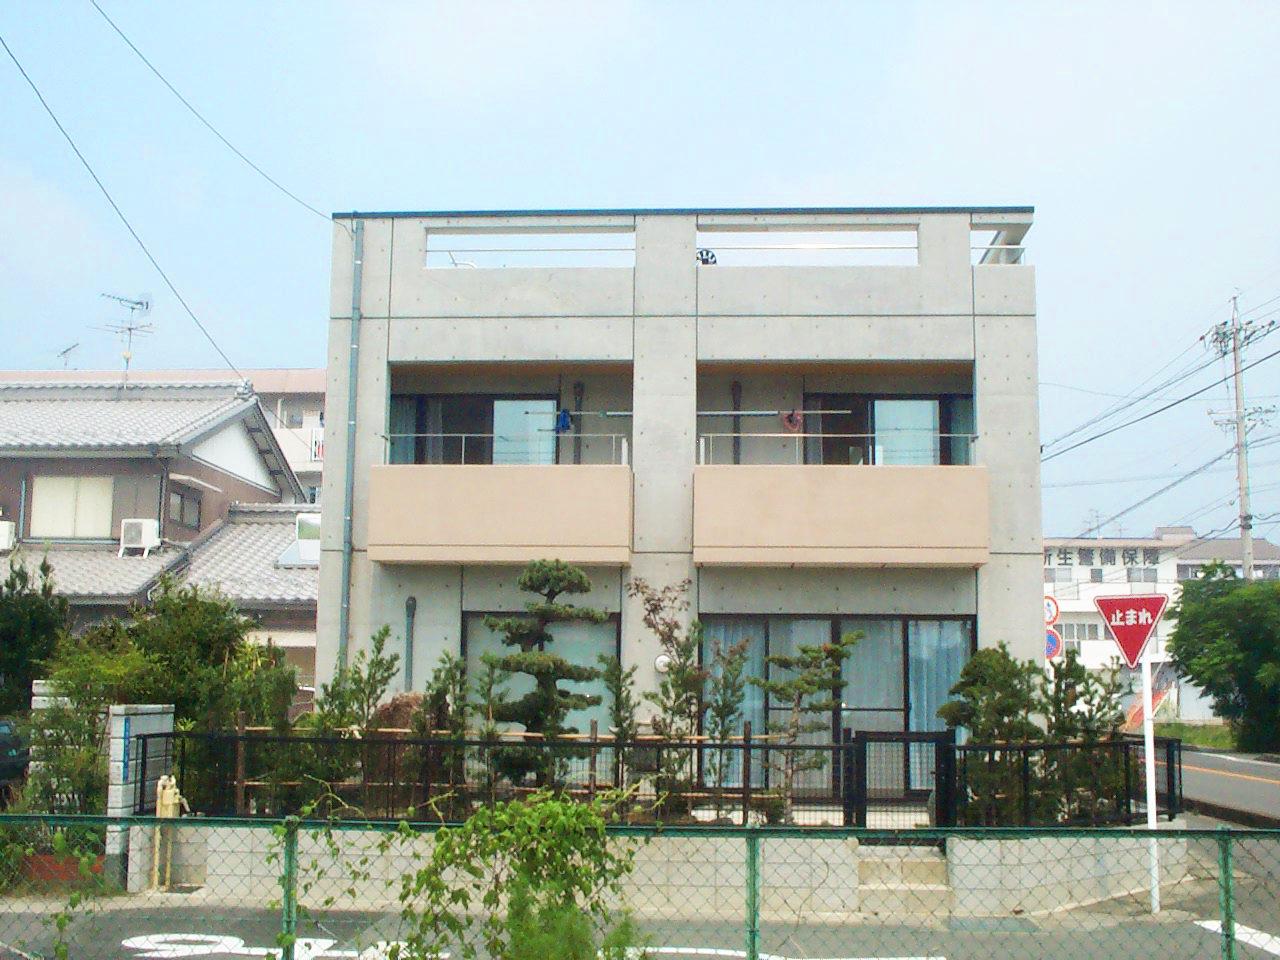 三世帯住宅同居バリアフリー注文住宅の設計・デザインをした鉄筋コンクリート打ち放しの家